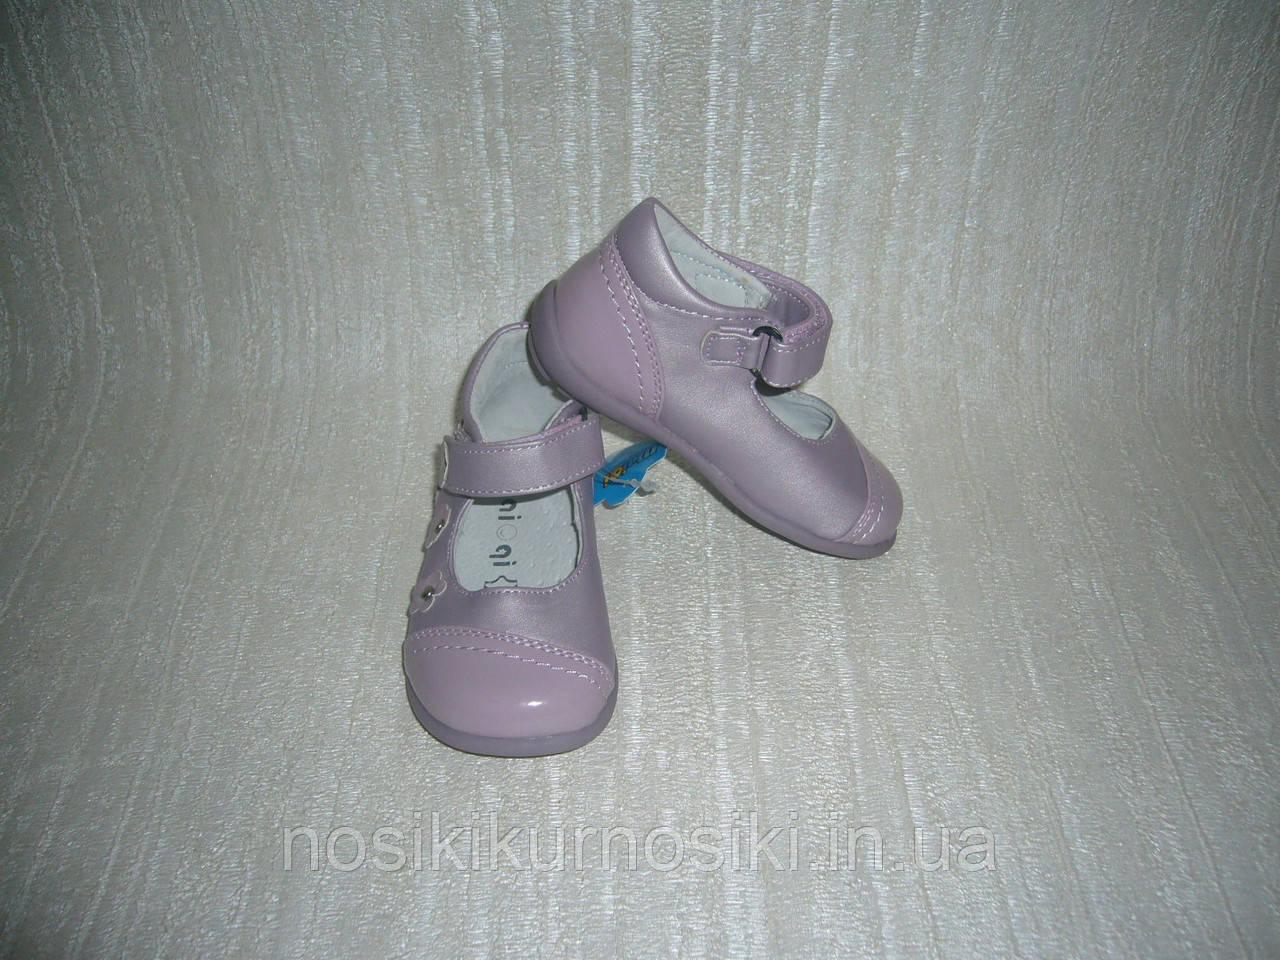 Туфли для девочек MaiQi (Румыния) размеры 19-24 цвет сиреневый